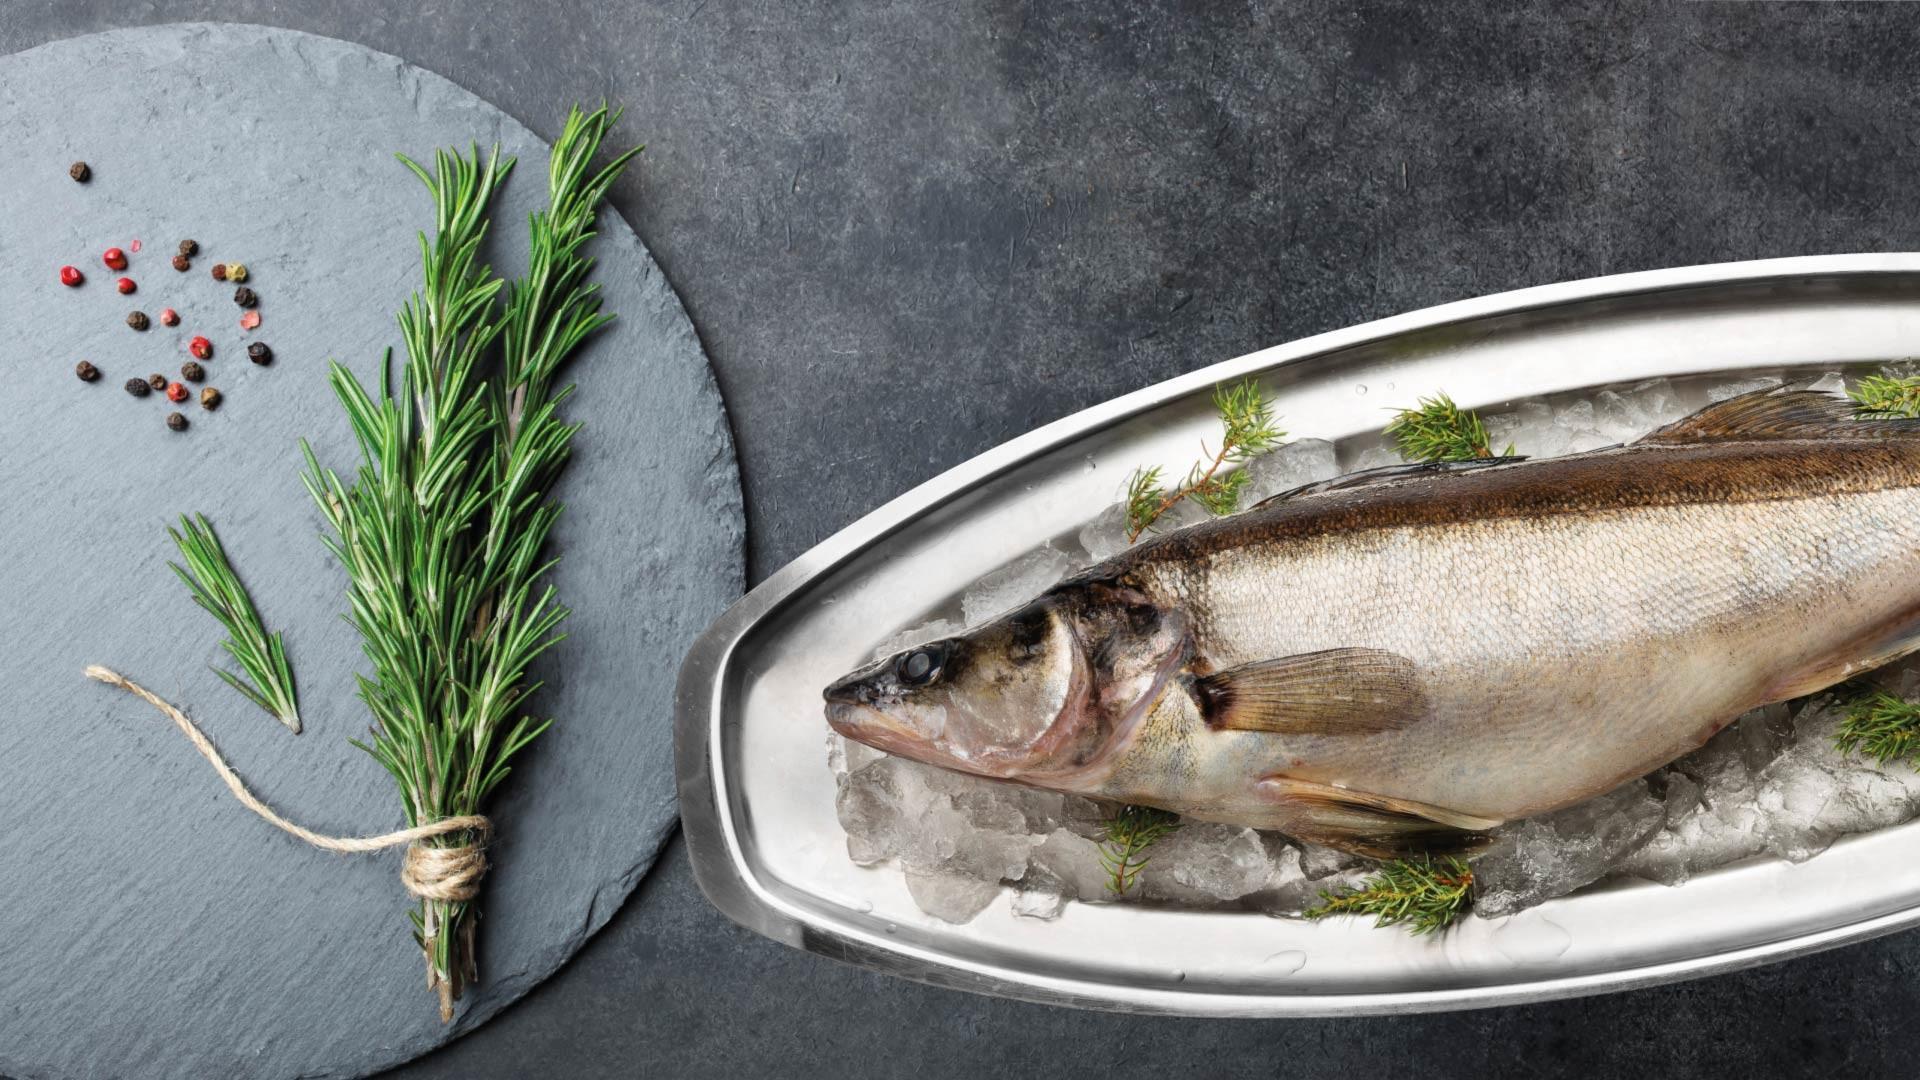 Kotimainen luonnonkala kuha | Kauden kala | Hätälä